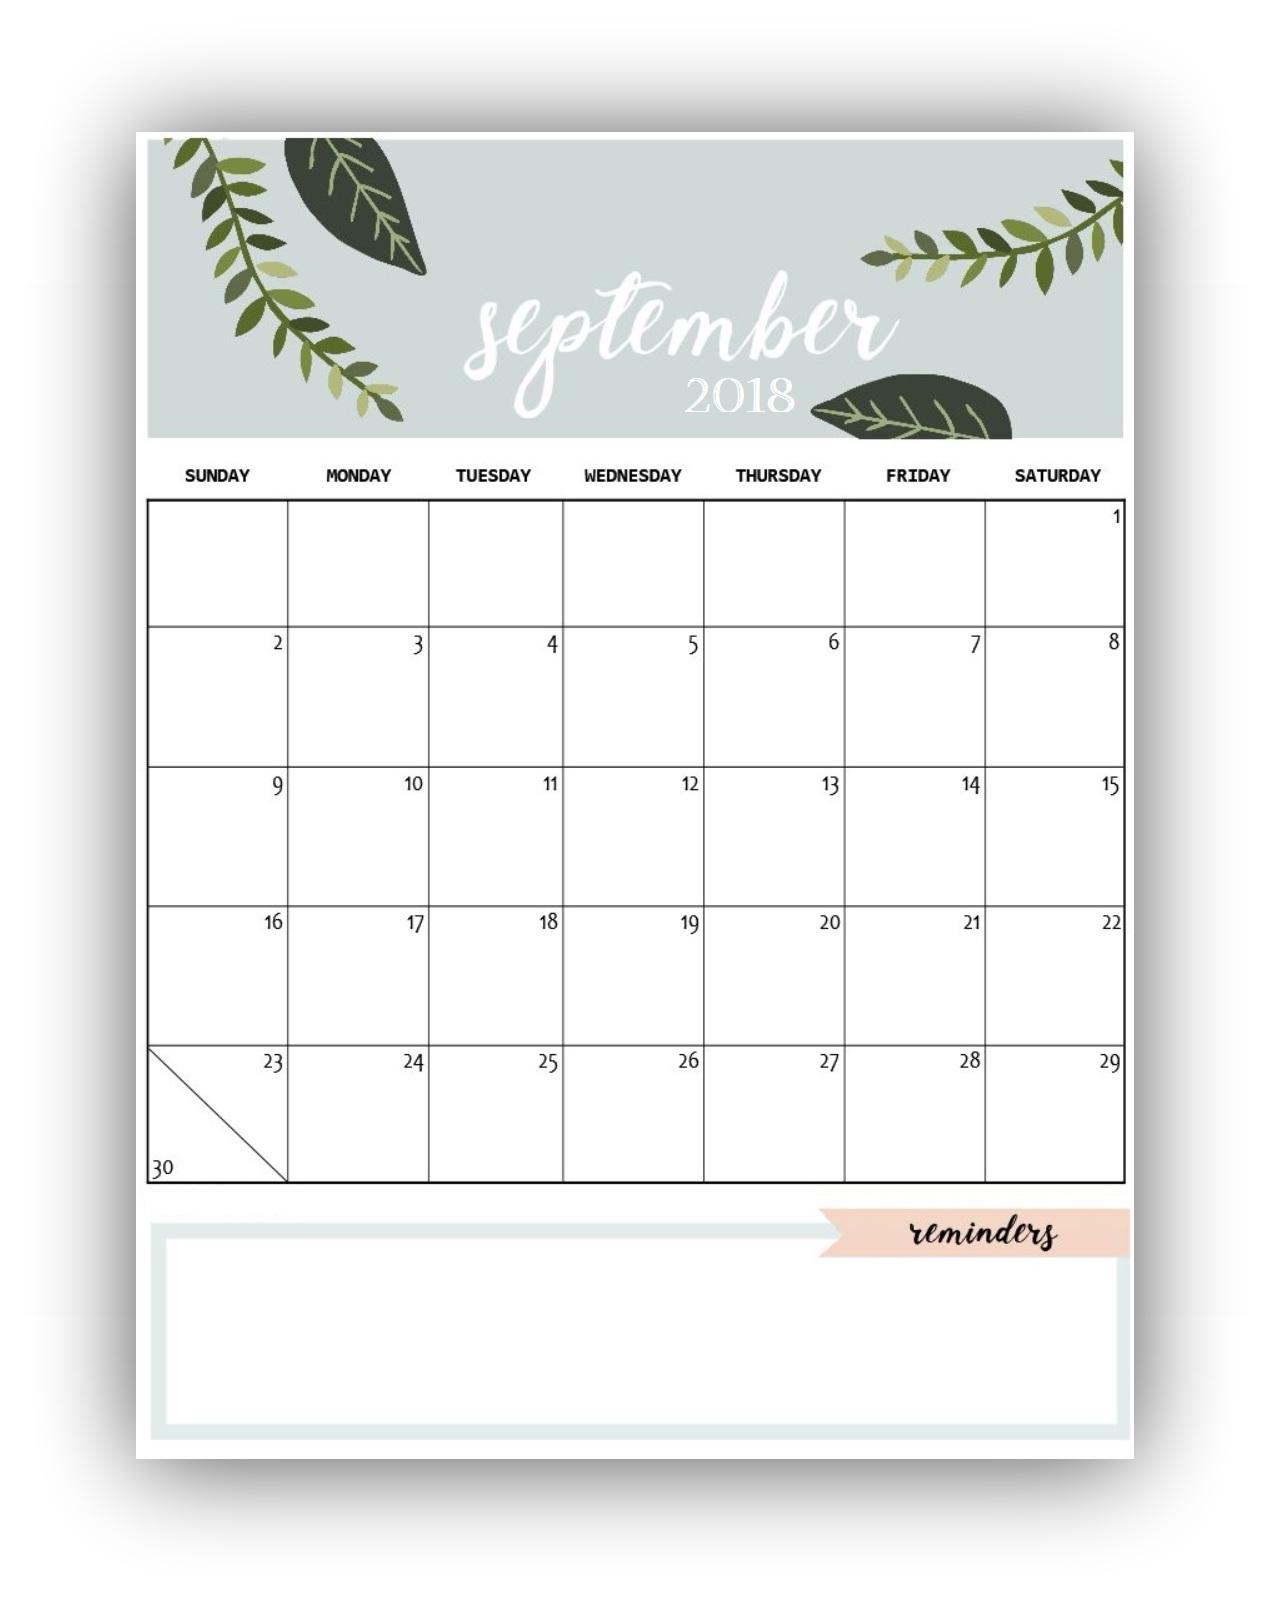 September 2018 Blank Calendar Free